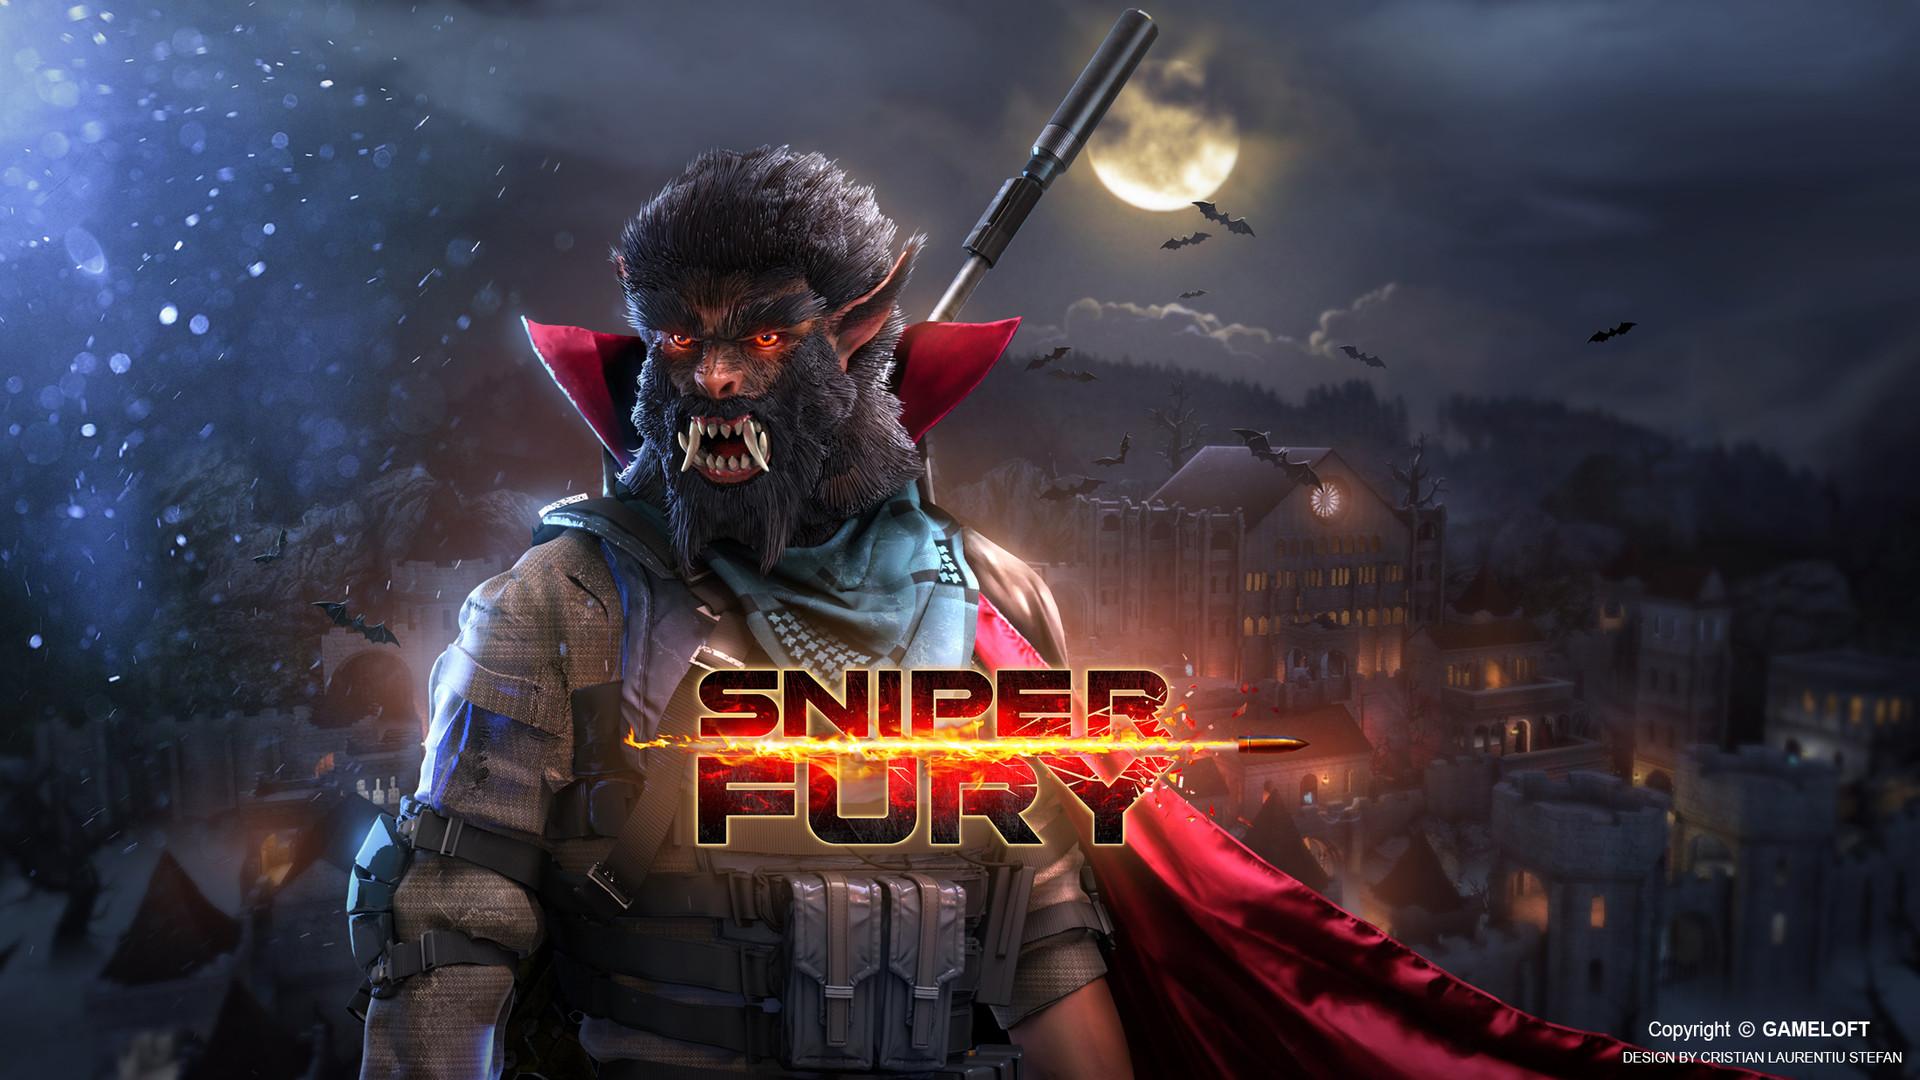 ArtStation - Sniper Fury (marketing art) - 03, Cristian